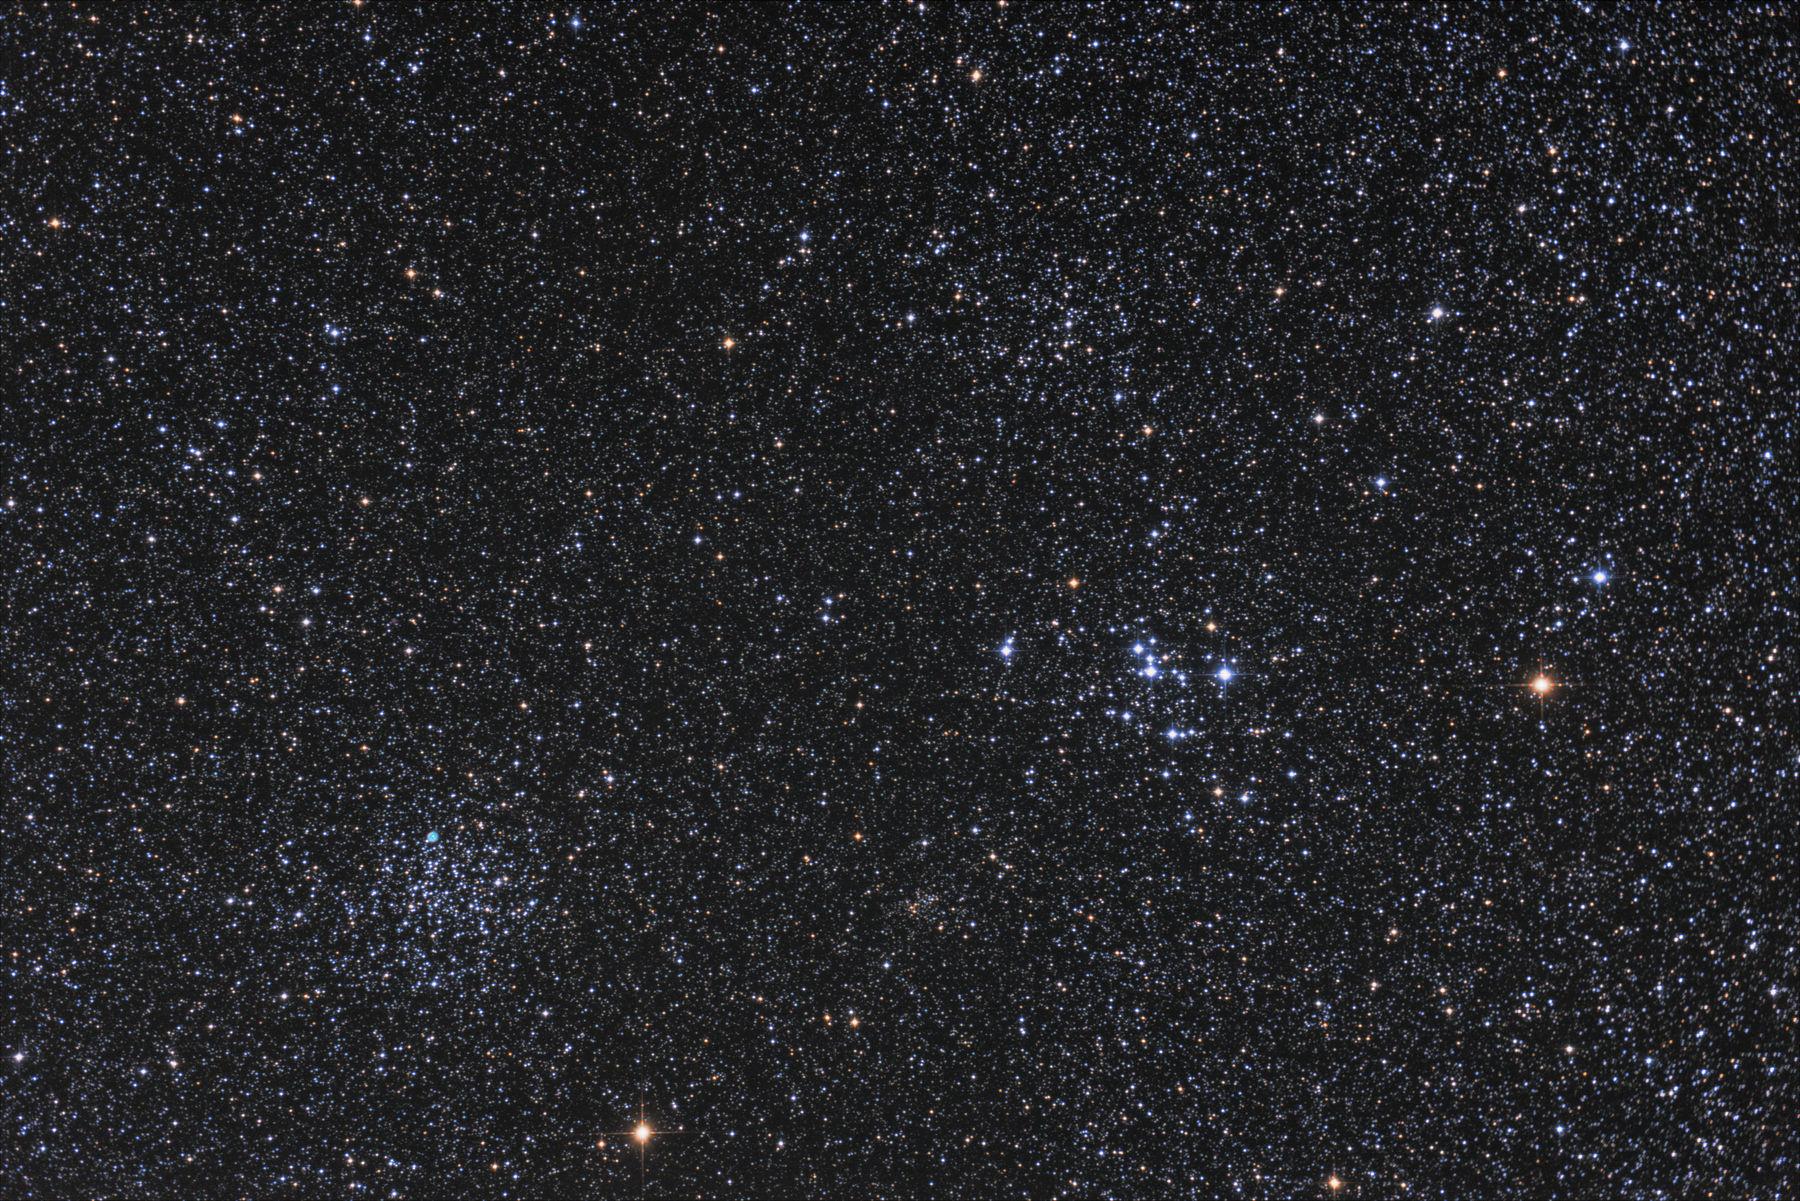 【星団】M46, M47 と隠れ惑星状星雲NGC2438